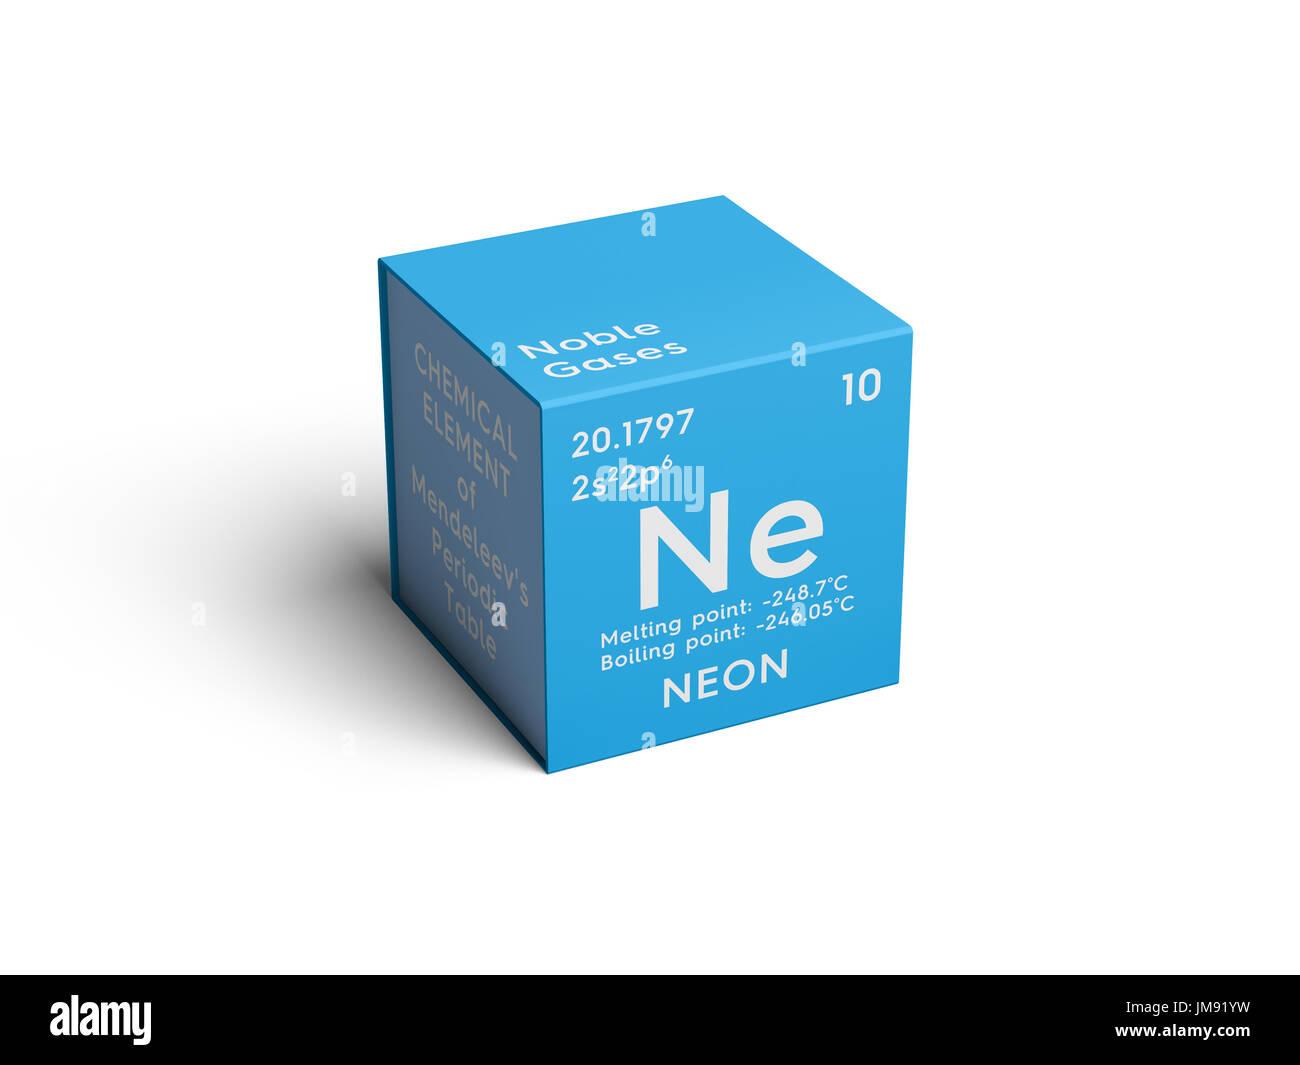 Luces de nen los gases nobles elemento qumico de la tabla los gases nobles elemento qumico de la tabla peridica de mendeleyev en nen square cube concepto creativo urtaz Image collections